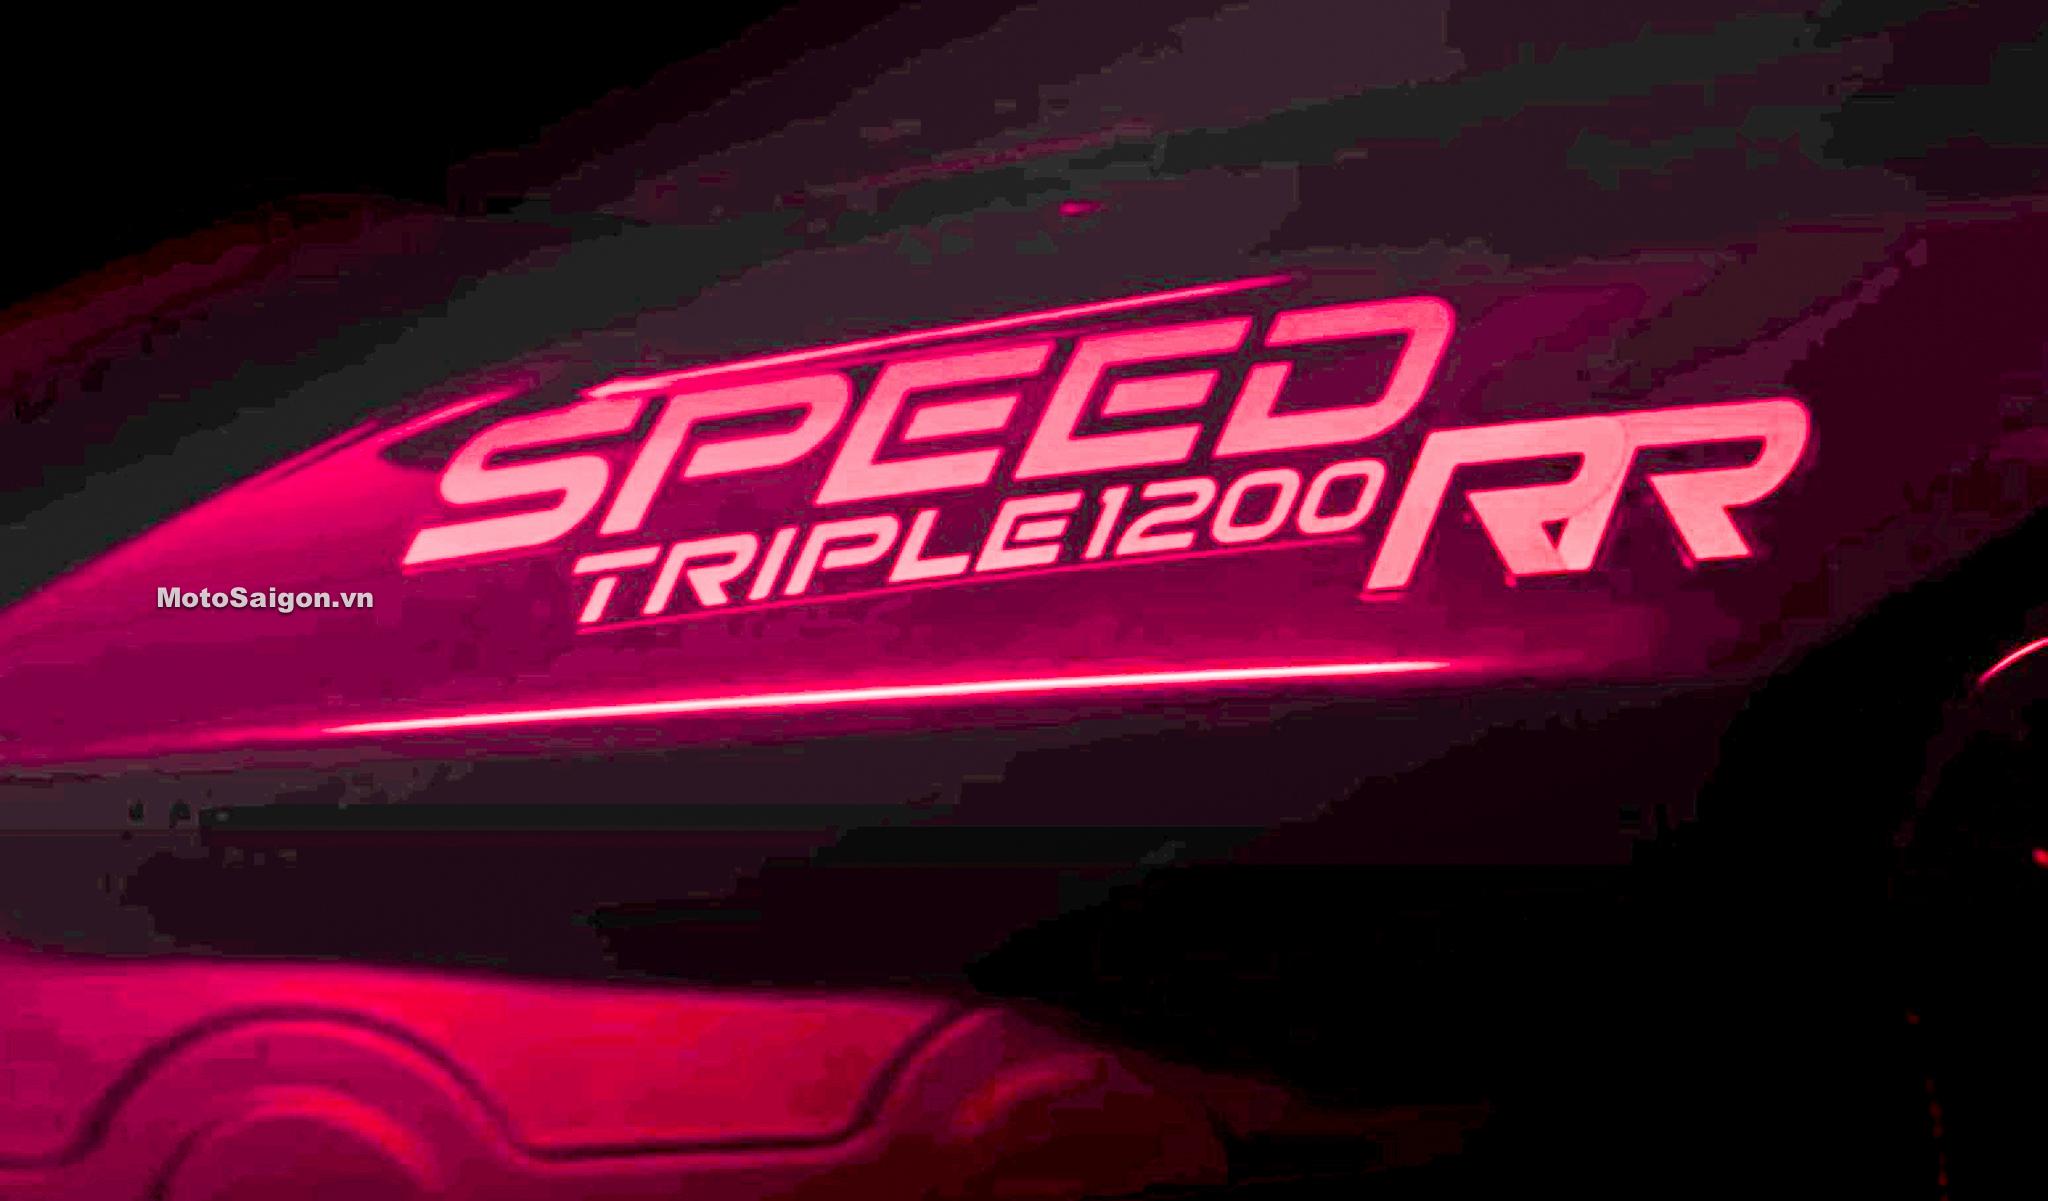 Speed Triple 1200 RR mẫu xe Retro Sport của Triumph lộ hình ảnh trong clip teaser